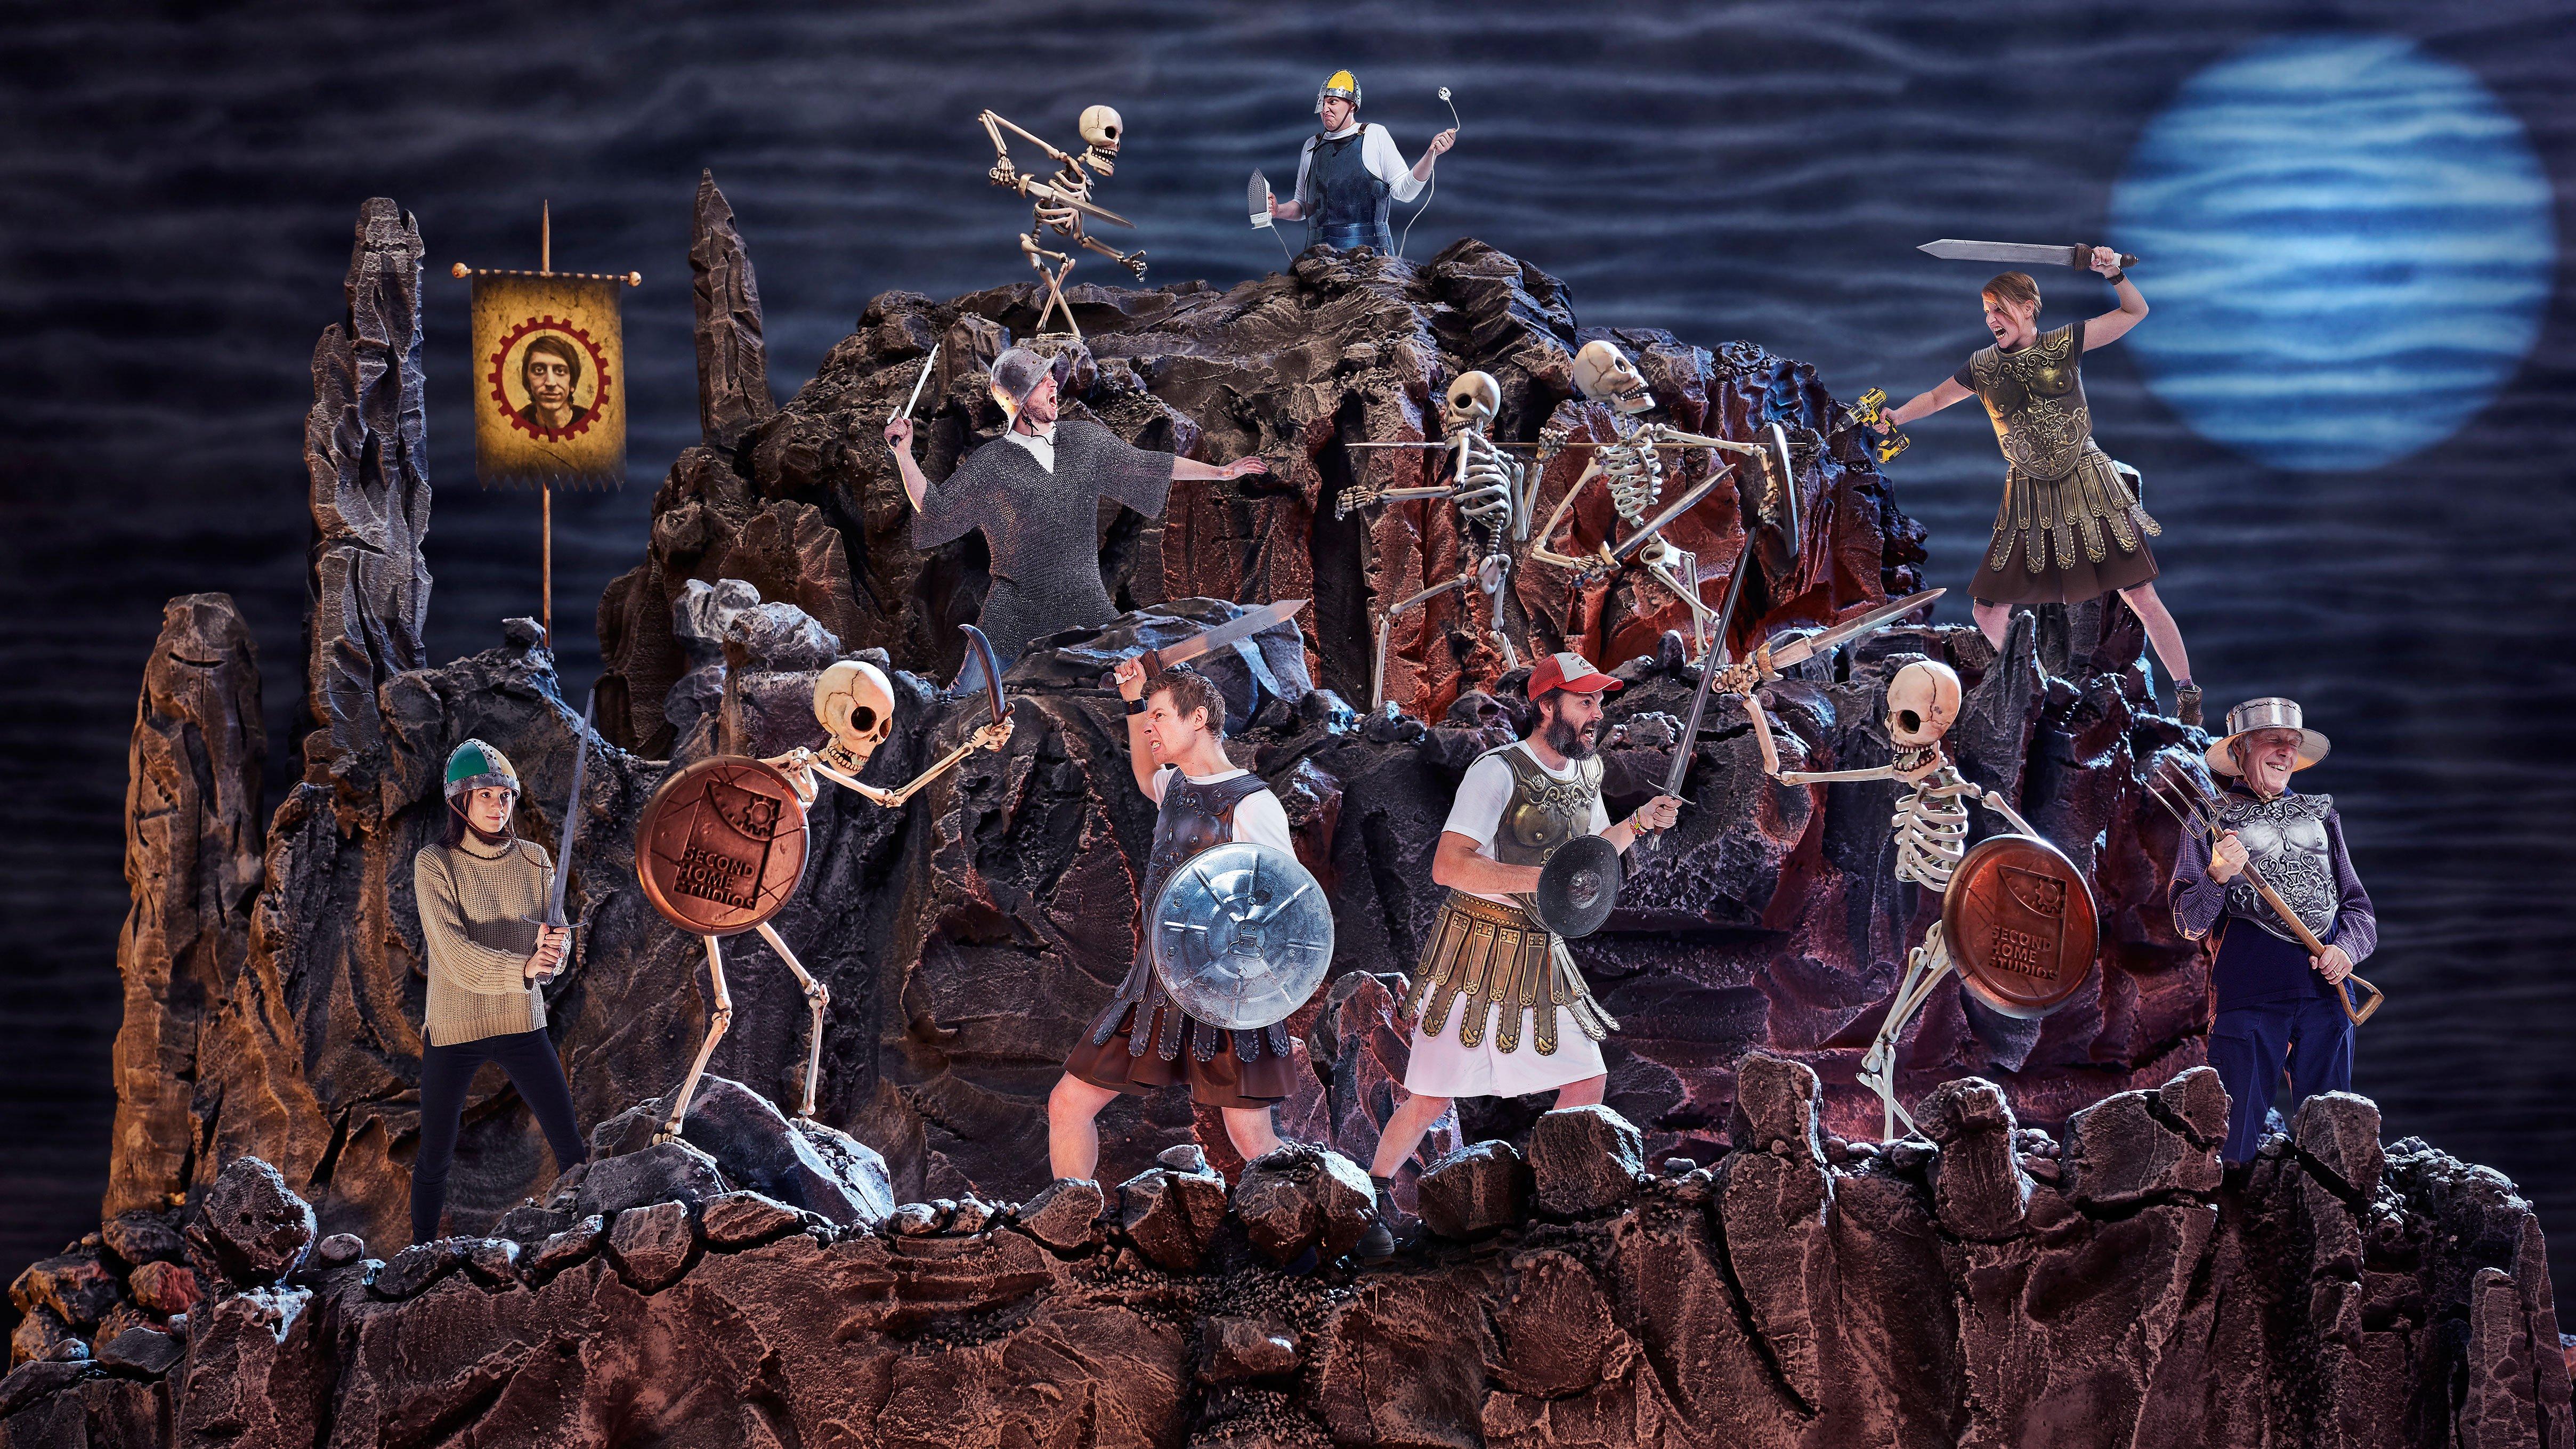 Our Halloween Homage to Harryhausen